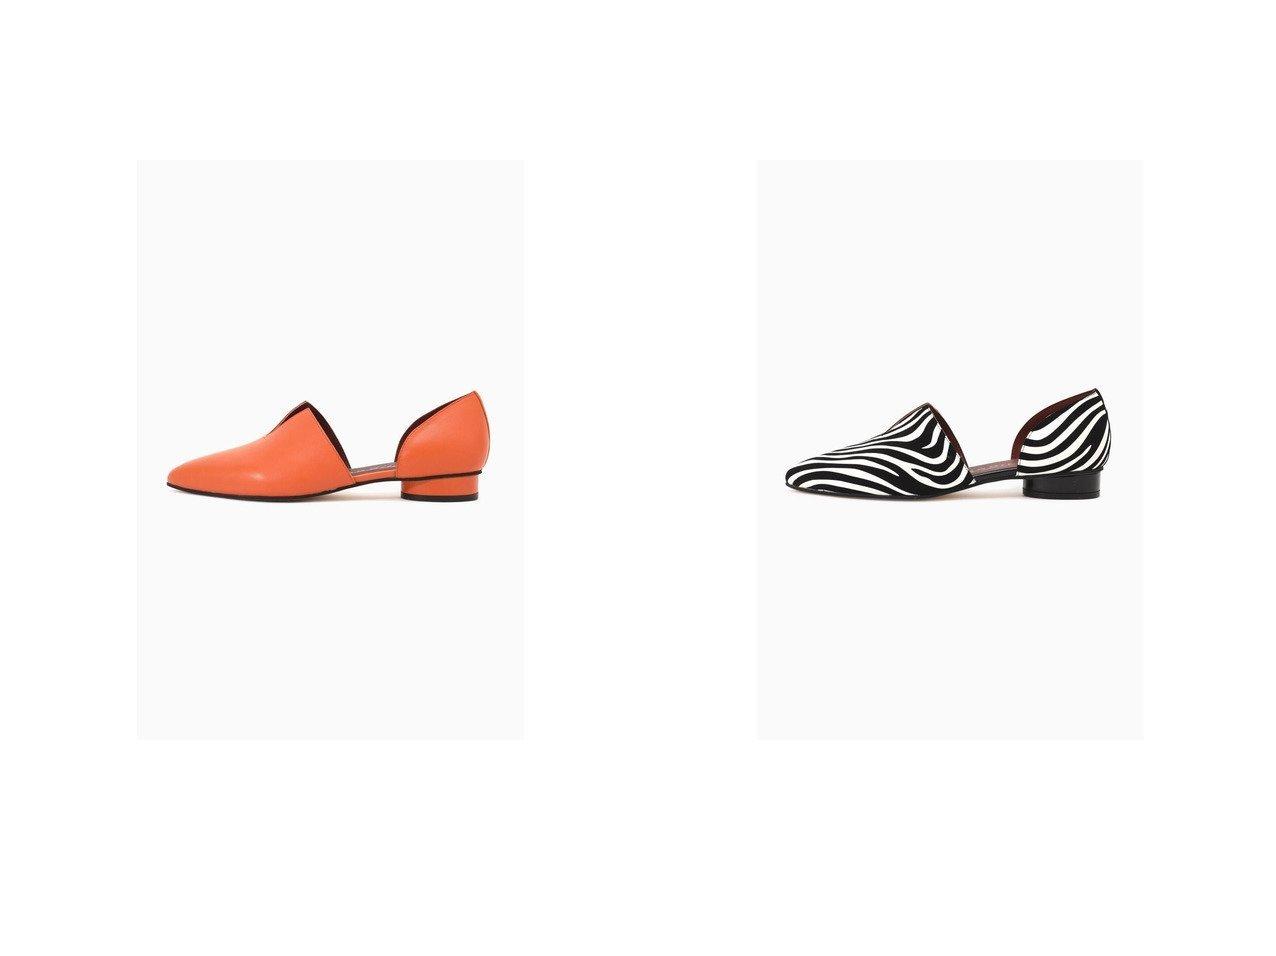 【ROSE BUD/ローズバッド】のスリットフラットシューズ シューズ・靴のおすすめ!人気、トレンド・レディースファッションの通販 おすすめで人気の流行・トレンド、ファッションの通販商品 メンズファッション・キッズファッション・インテリア・家具・レディースファッション・服の通販 founy(ファニー) https://founy.com/ ファッション Fashion レディースファッション WOMEN インソール オレンジ 春 Spring カッティング クッション シューズ スリット トレンド フィット フラット ポインテッド ワイド 2021年 2021 S/S 春夏 SS Spring/Summer 2021 春夏 S/S SS Spring/Summer 2021 |ID:crp329100000016311